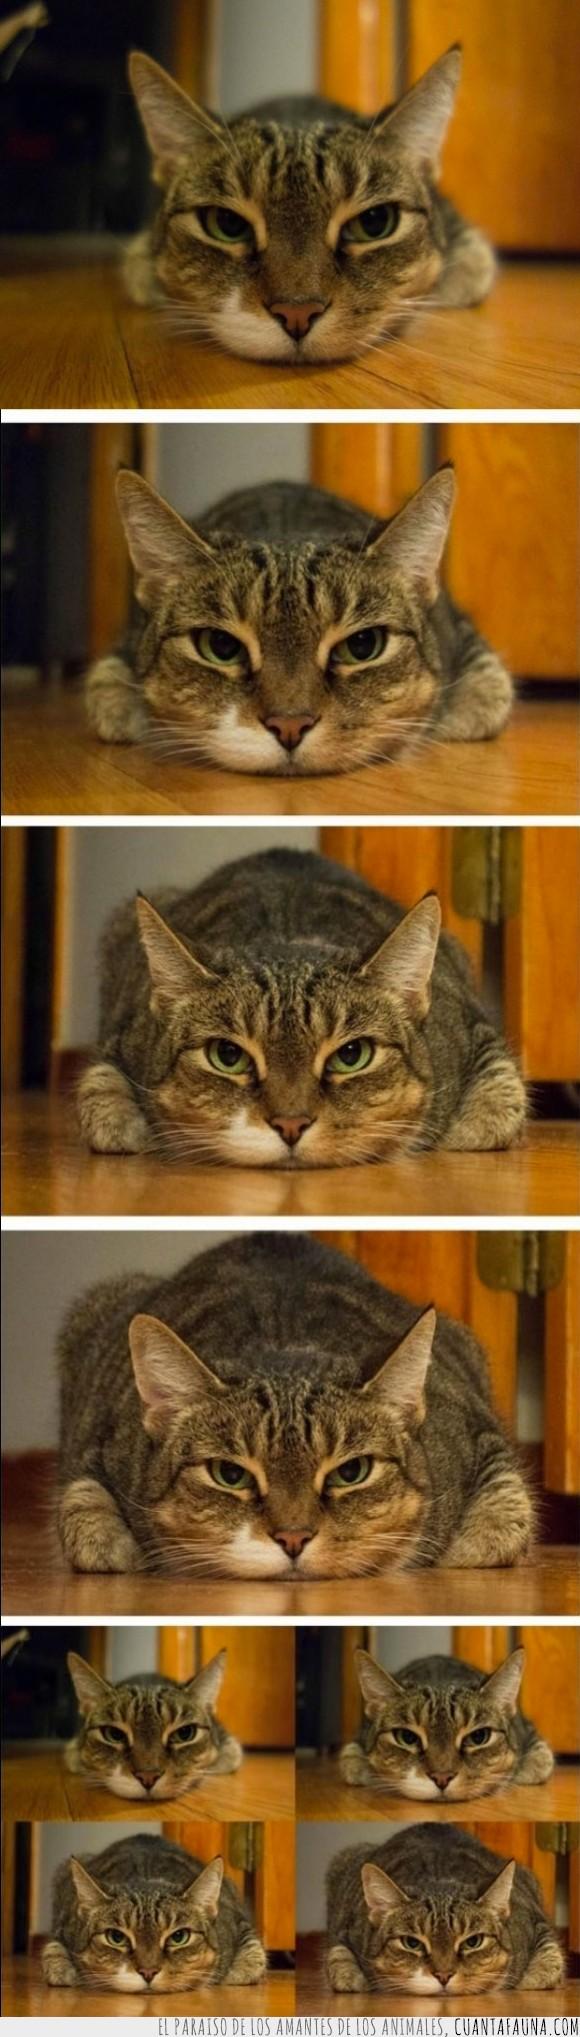 cámara,diferencia,diferente,gato,gordo,lentes,obeso